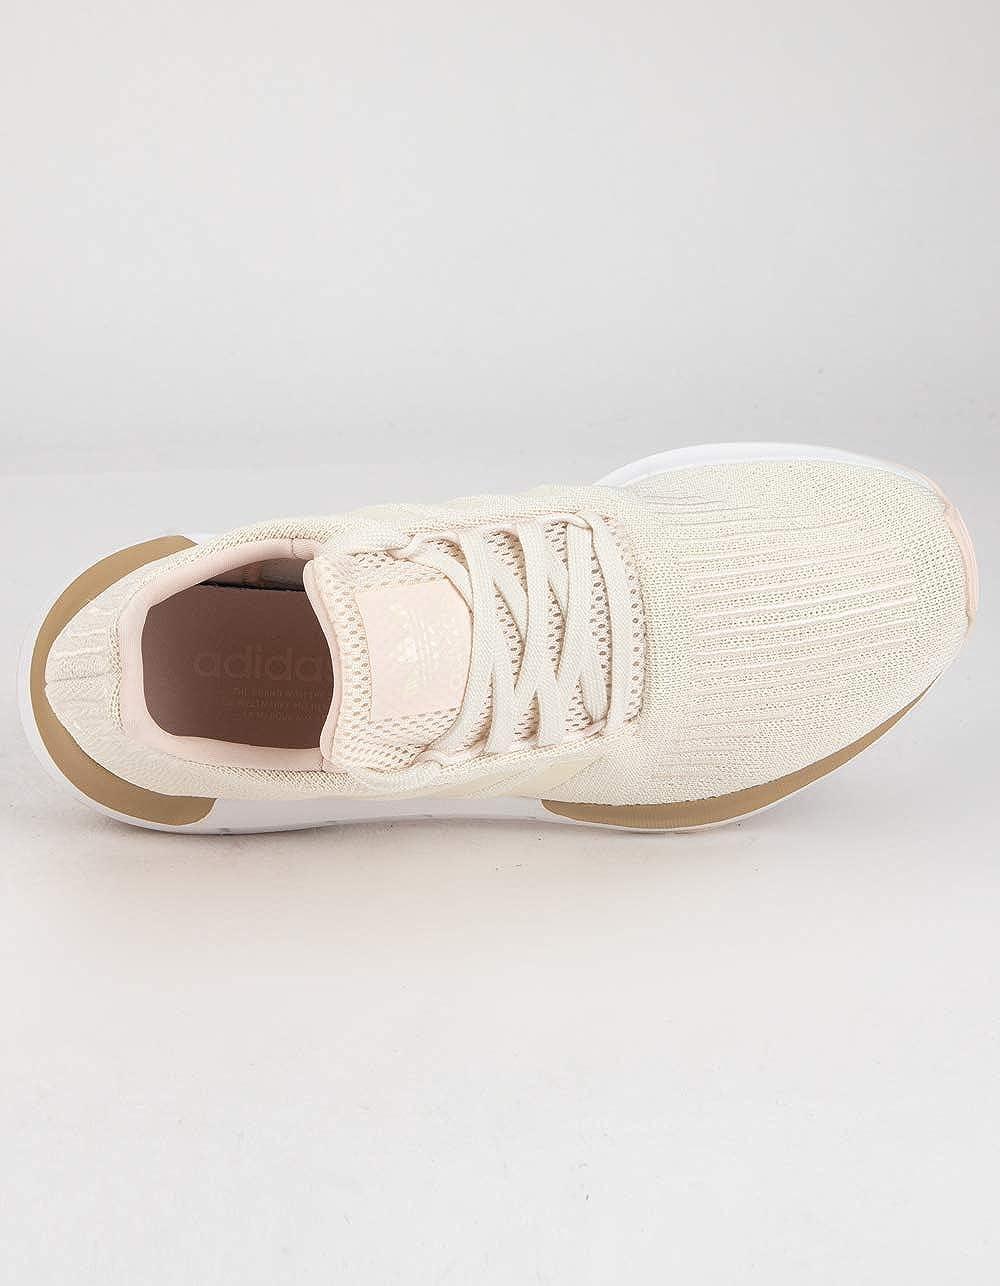 Adidas Swift Run Cloud White Shoes Amazon Co Uk Shoes Bags